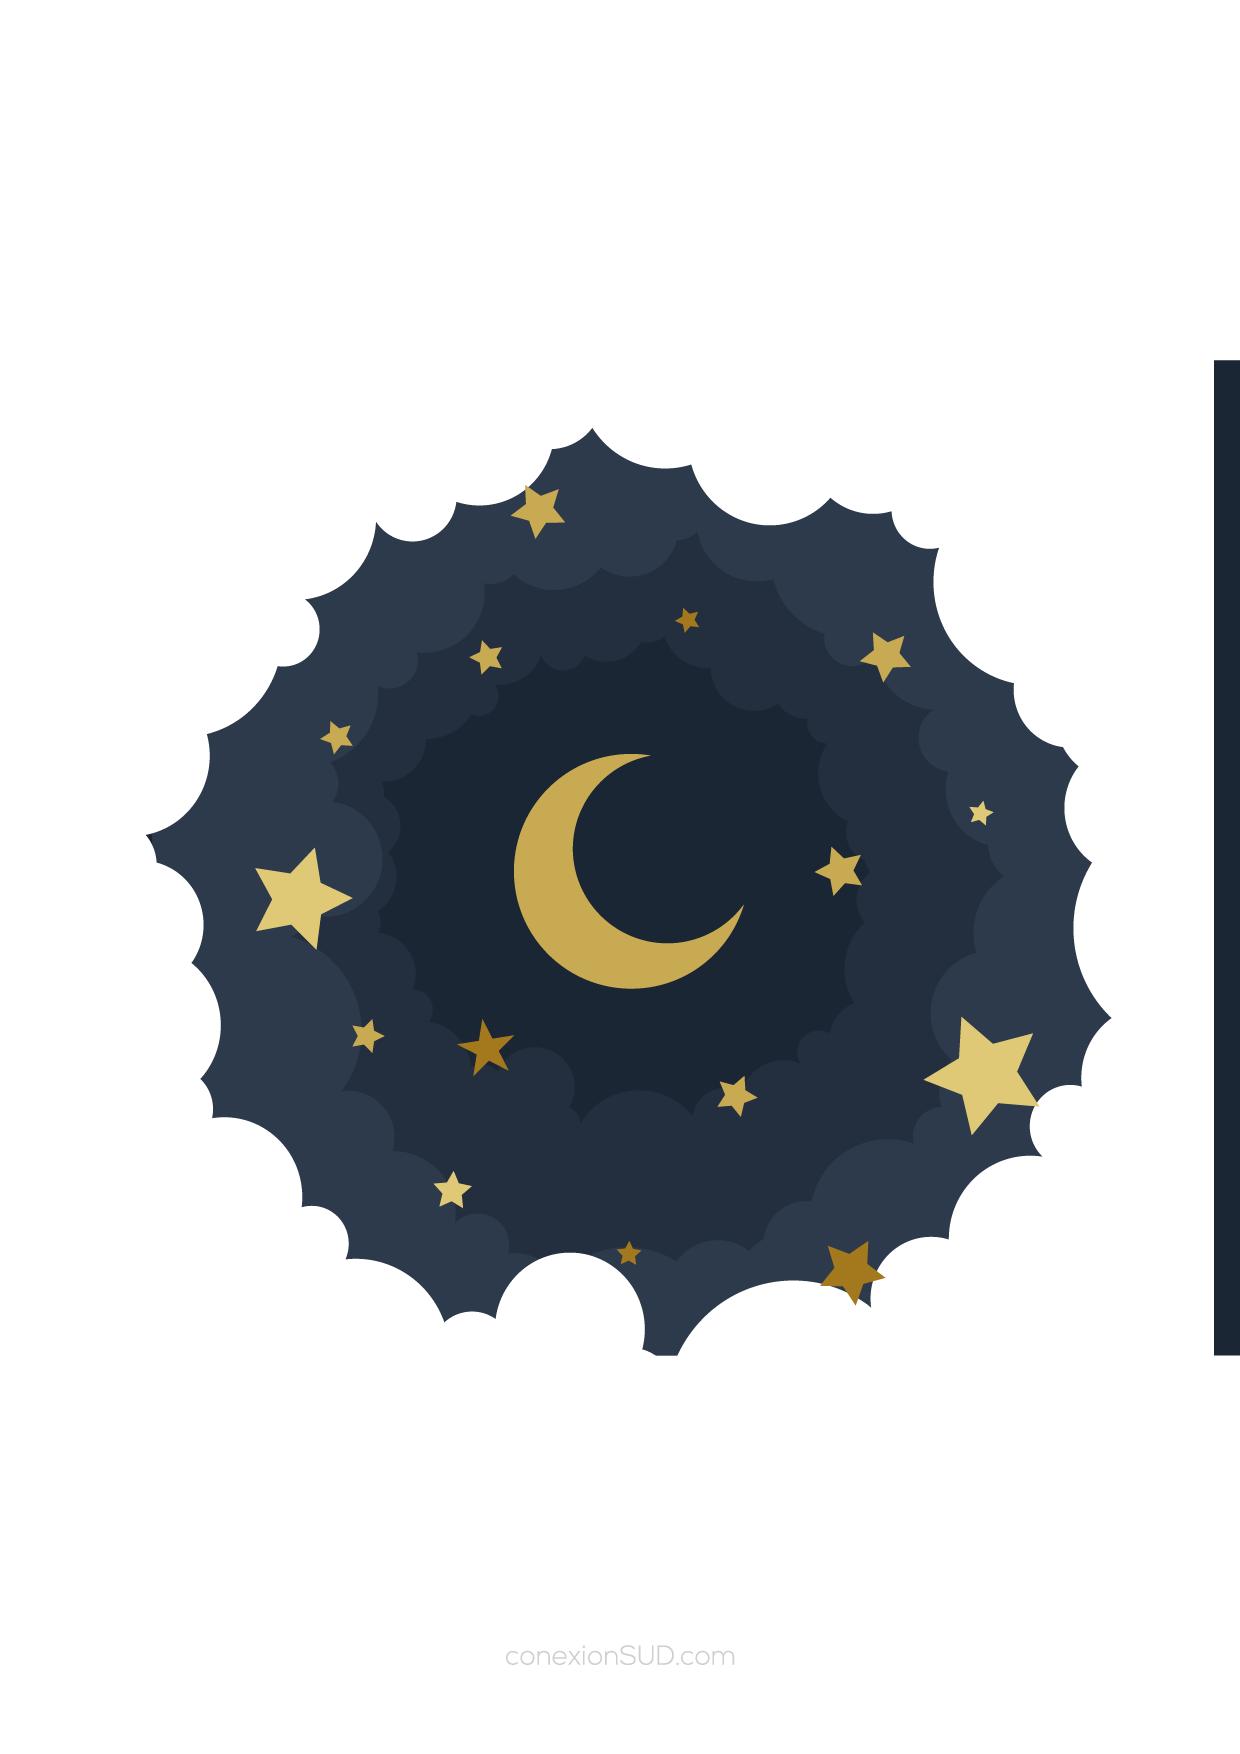 cielo noche - oracion de un nino_ConexionSUD-03